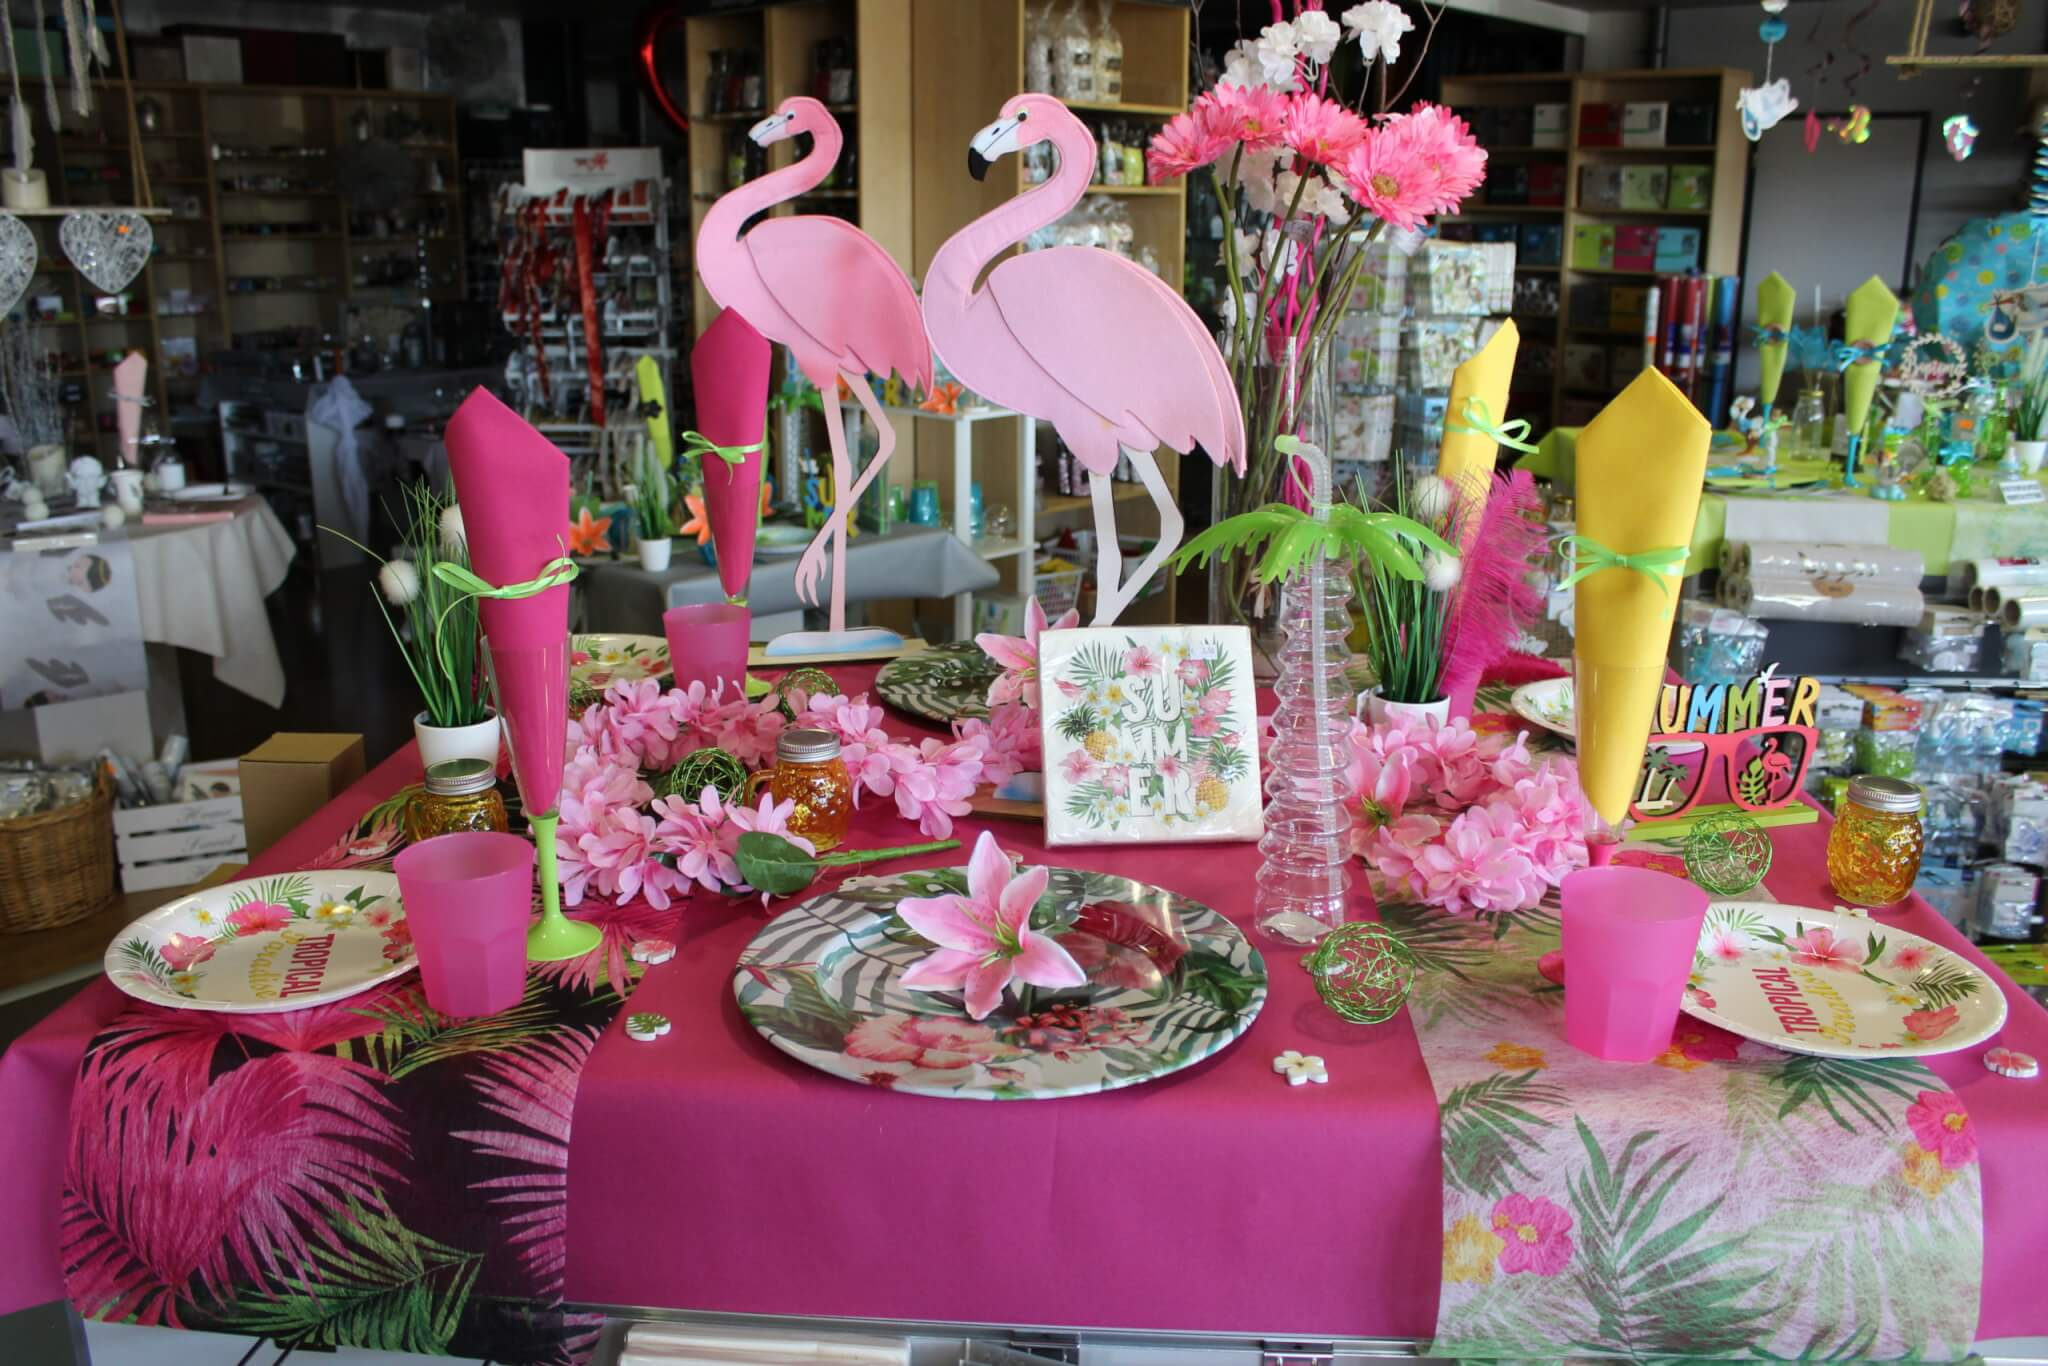 L'Espace Boutique Jaidemescommercants.fr